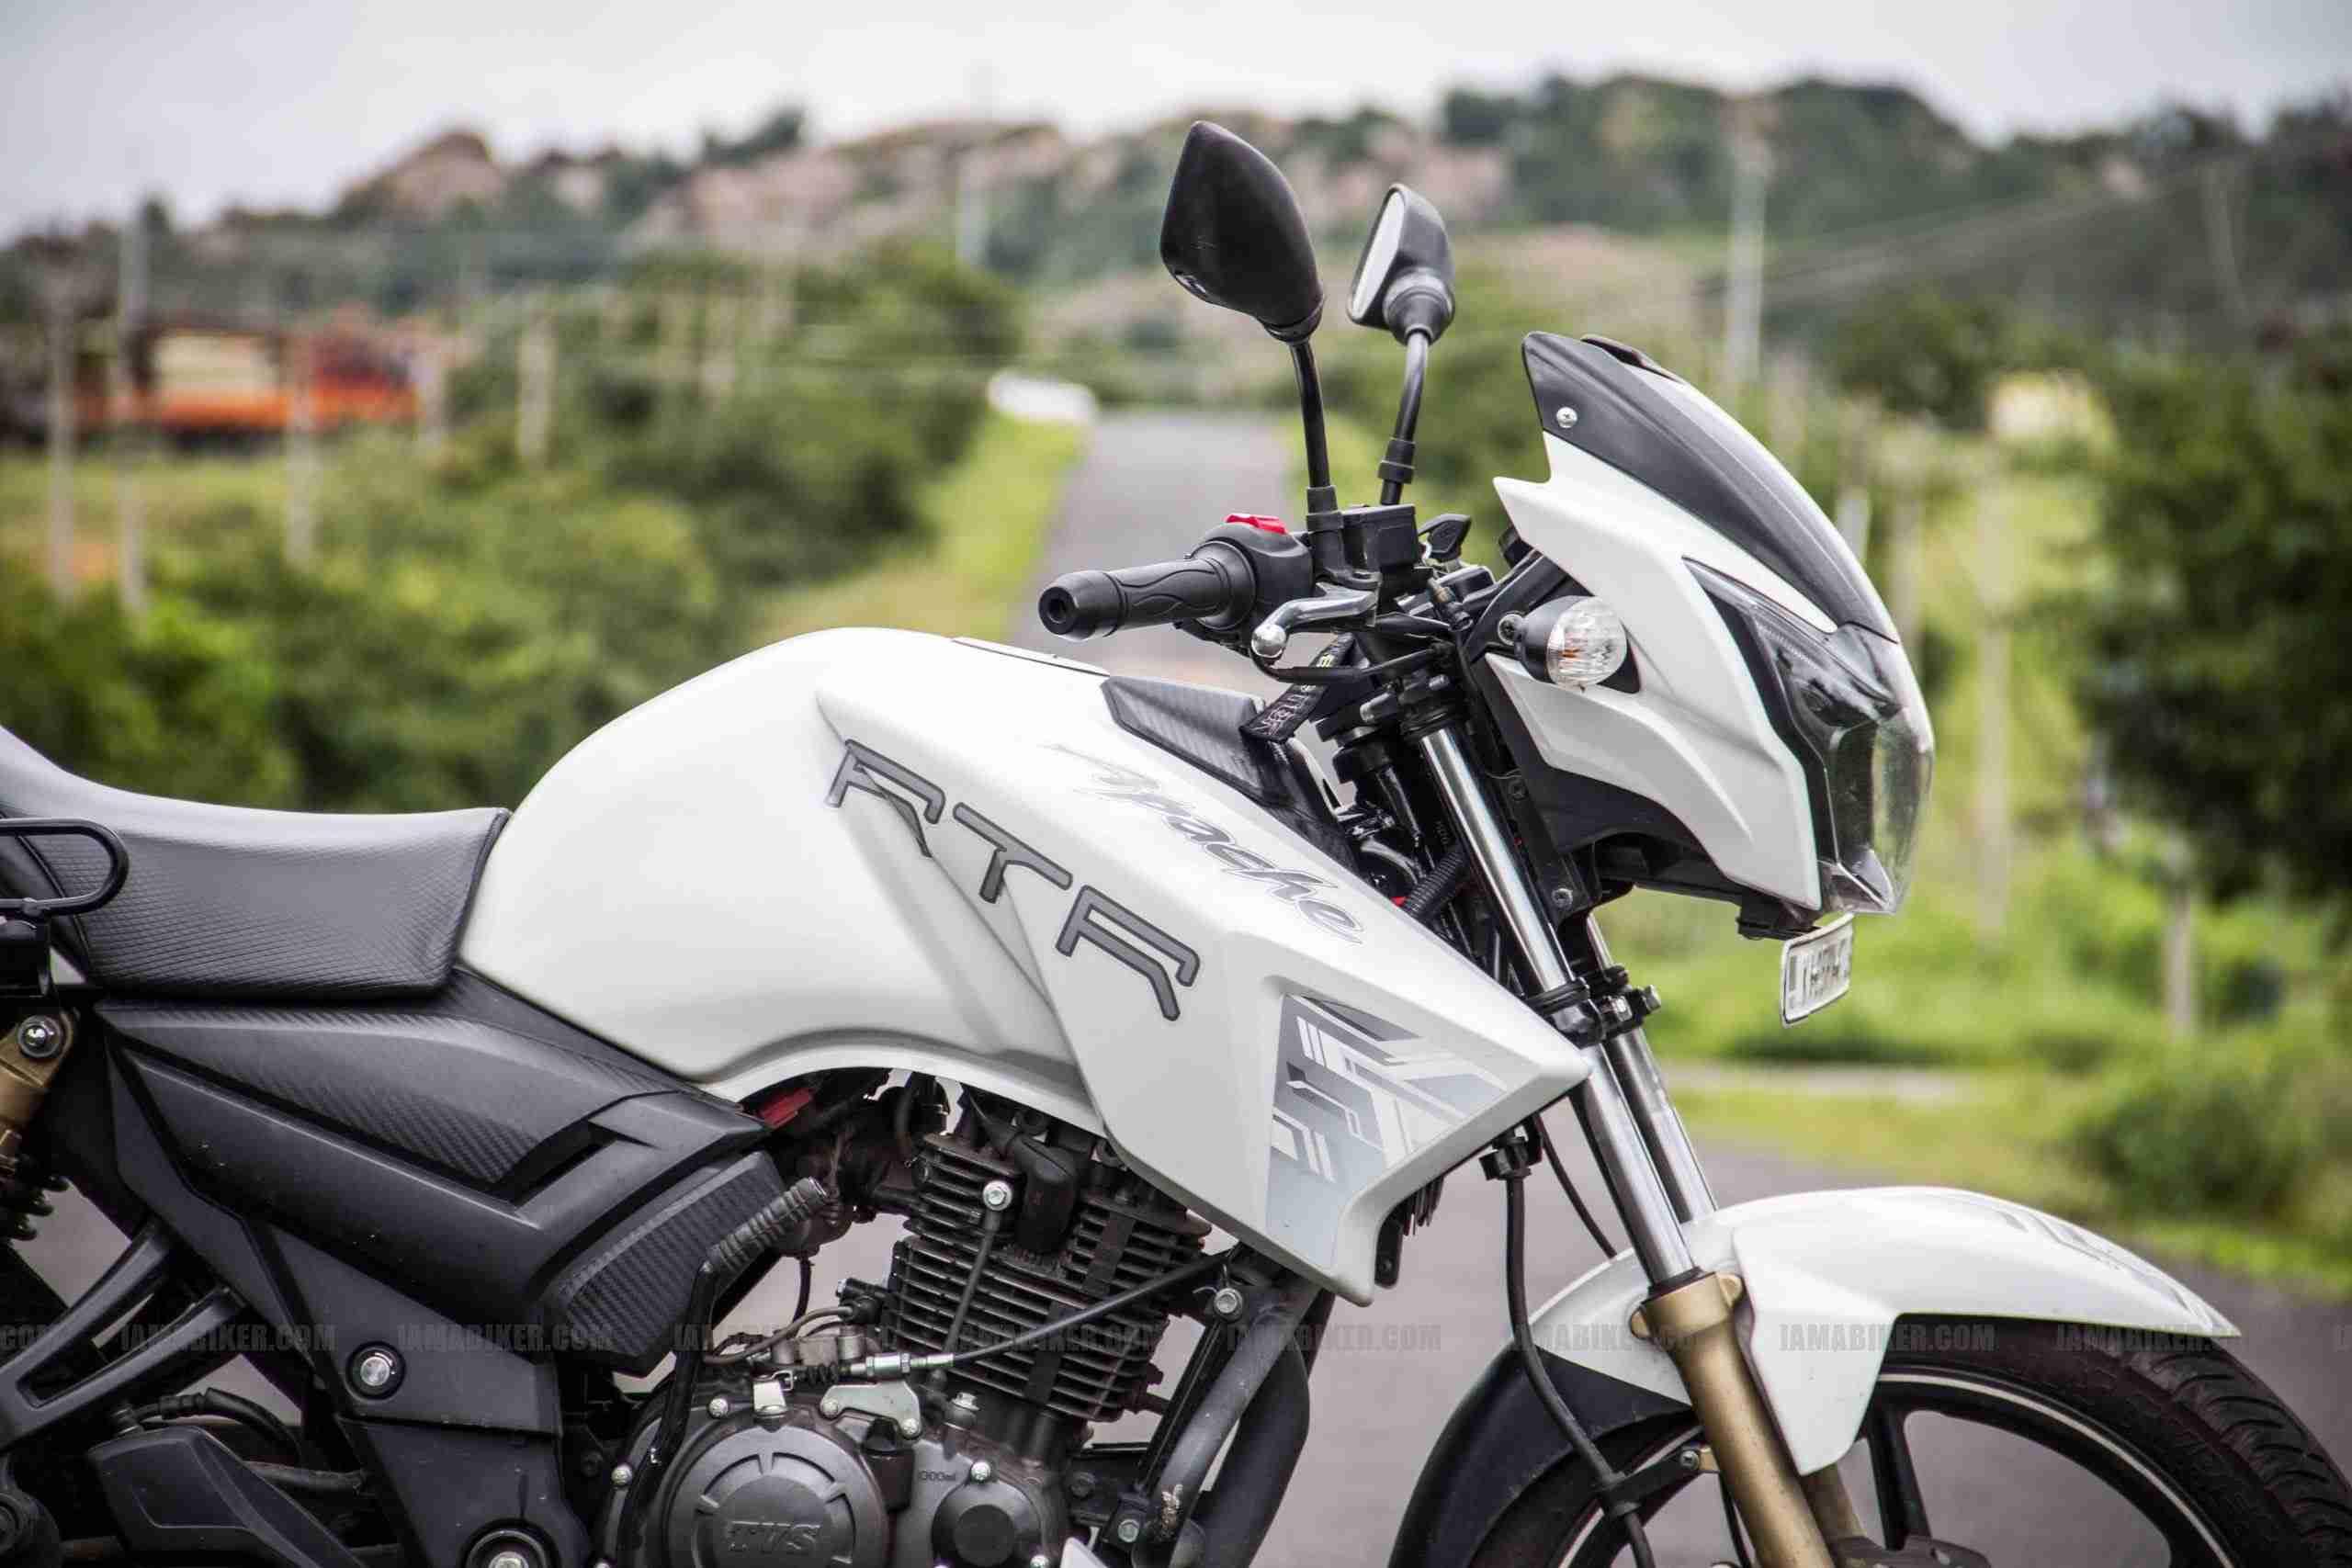 TVS Apache RTR 180 review